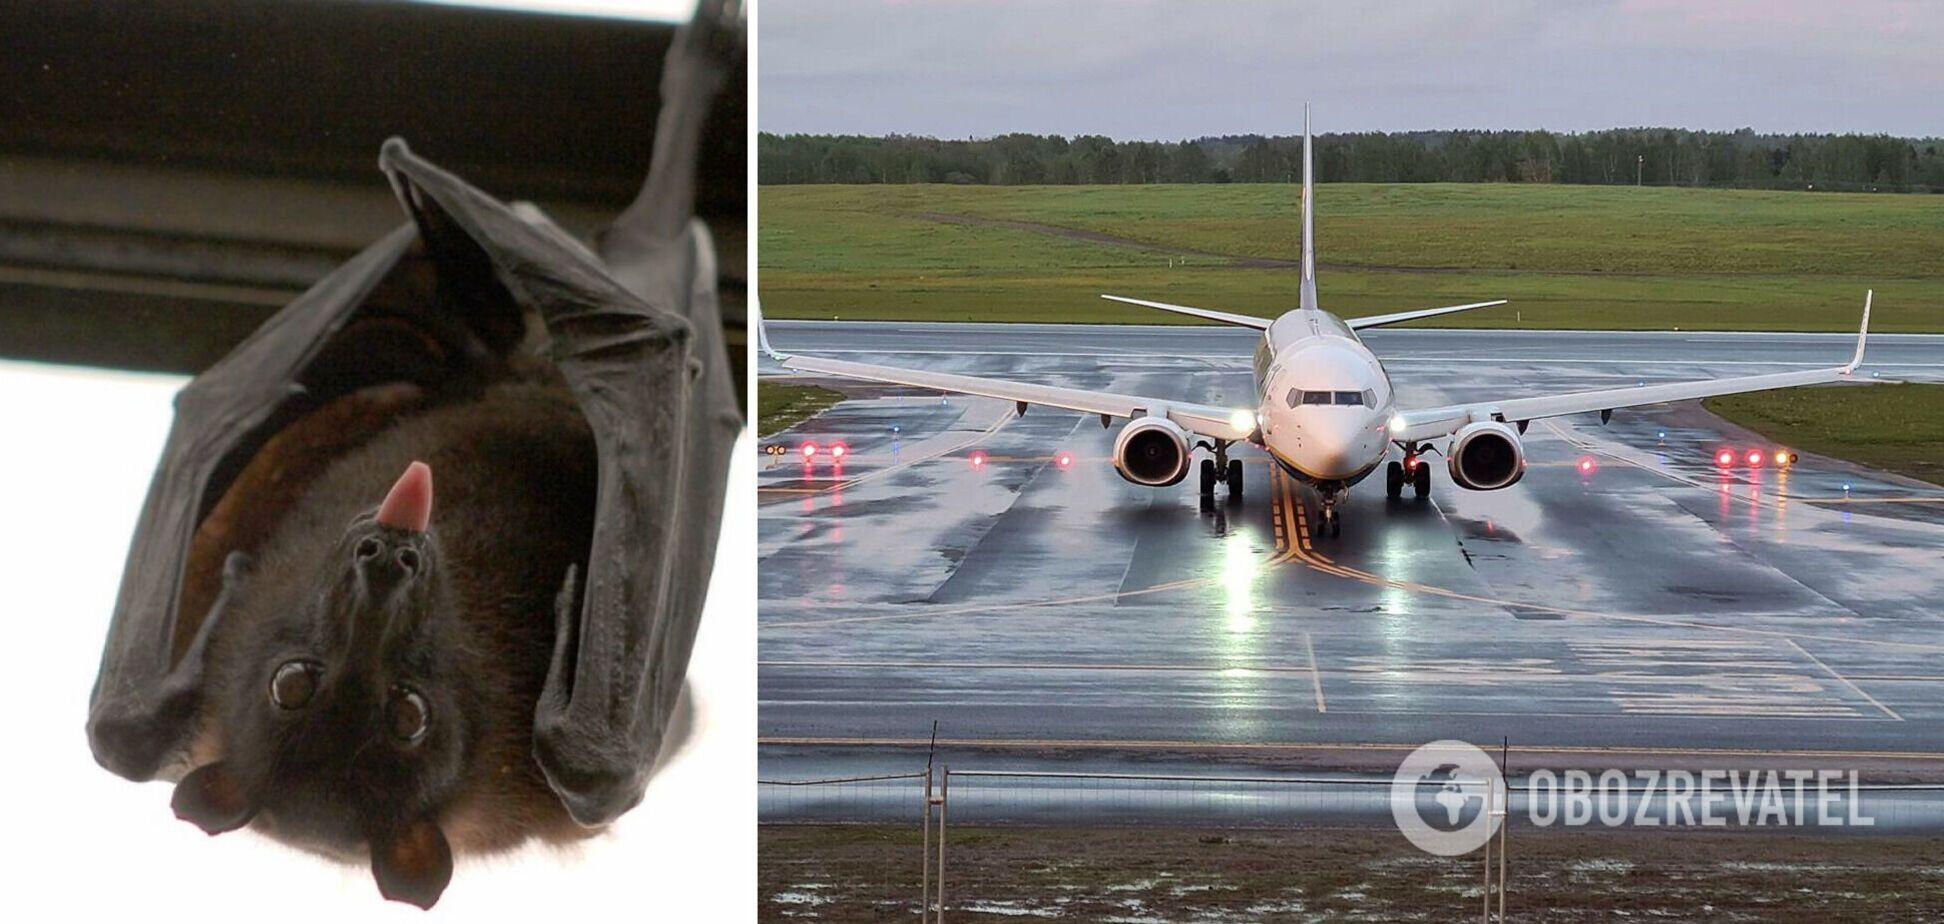 В Индии экстренно посадили самолет из-за летучей мыши на борту. Видео